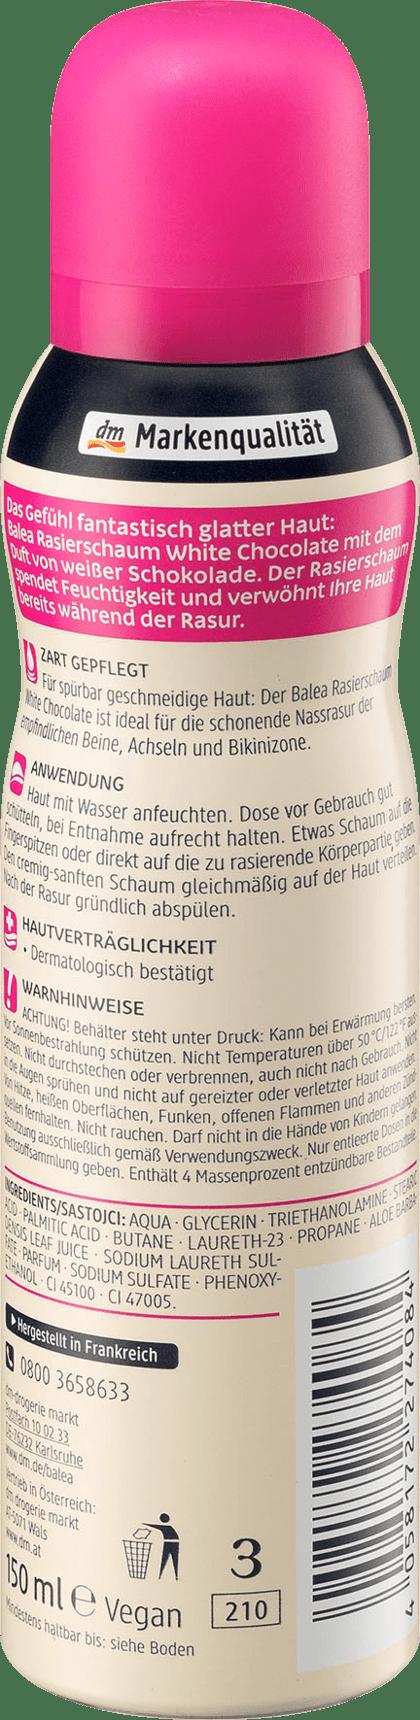 Crème de Rasage Mousse à Raser Chocolat Blanc, 150 ml